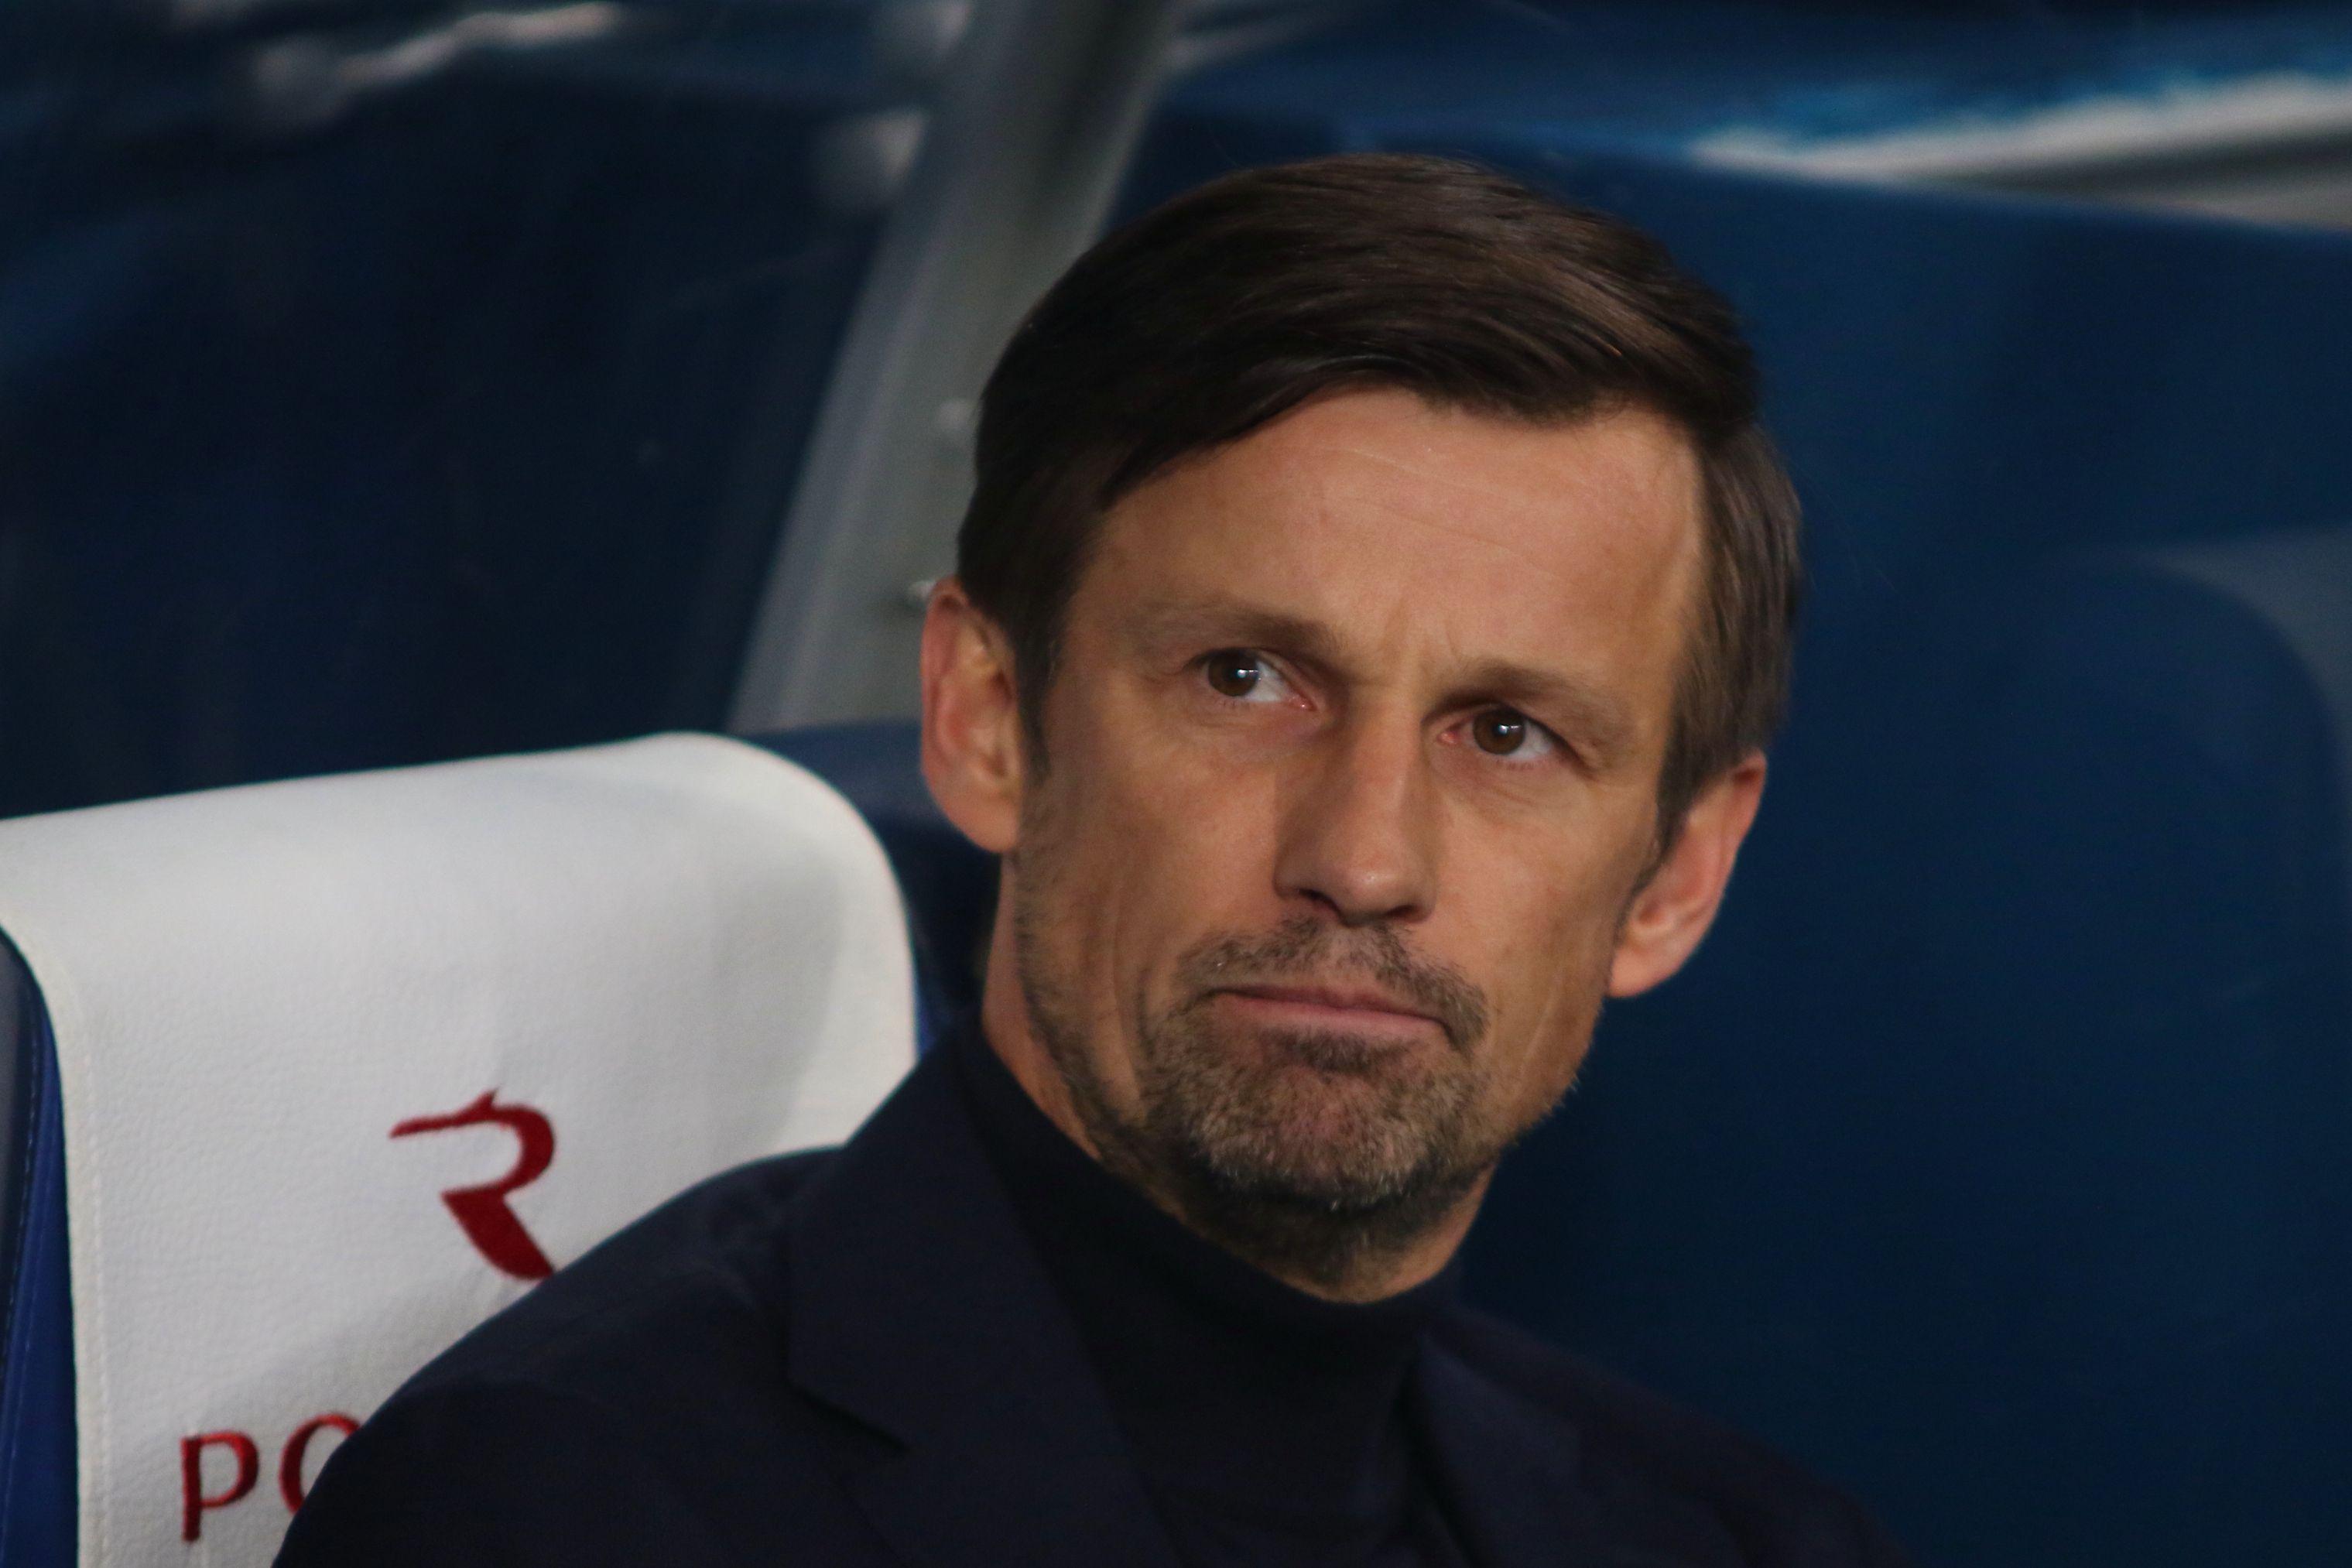 Семак: 'Чемпионат России более важен, чем плей-офф Лиги чемпионов'